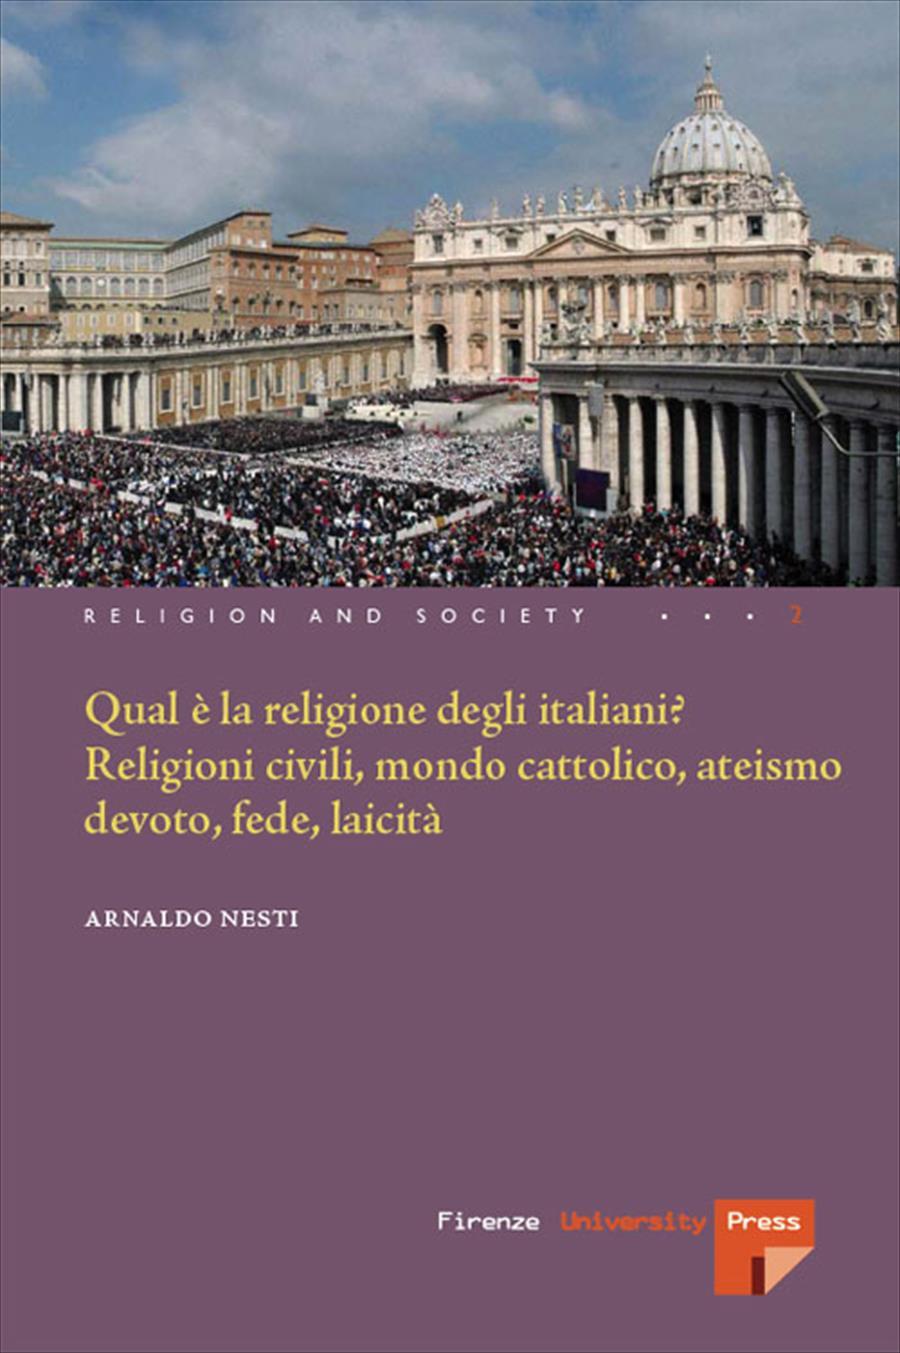 Qual è la religione degli italiani?